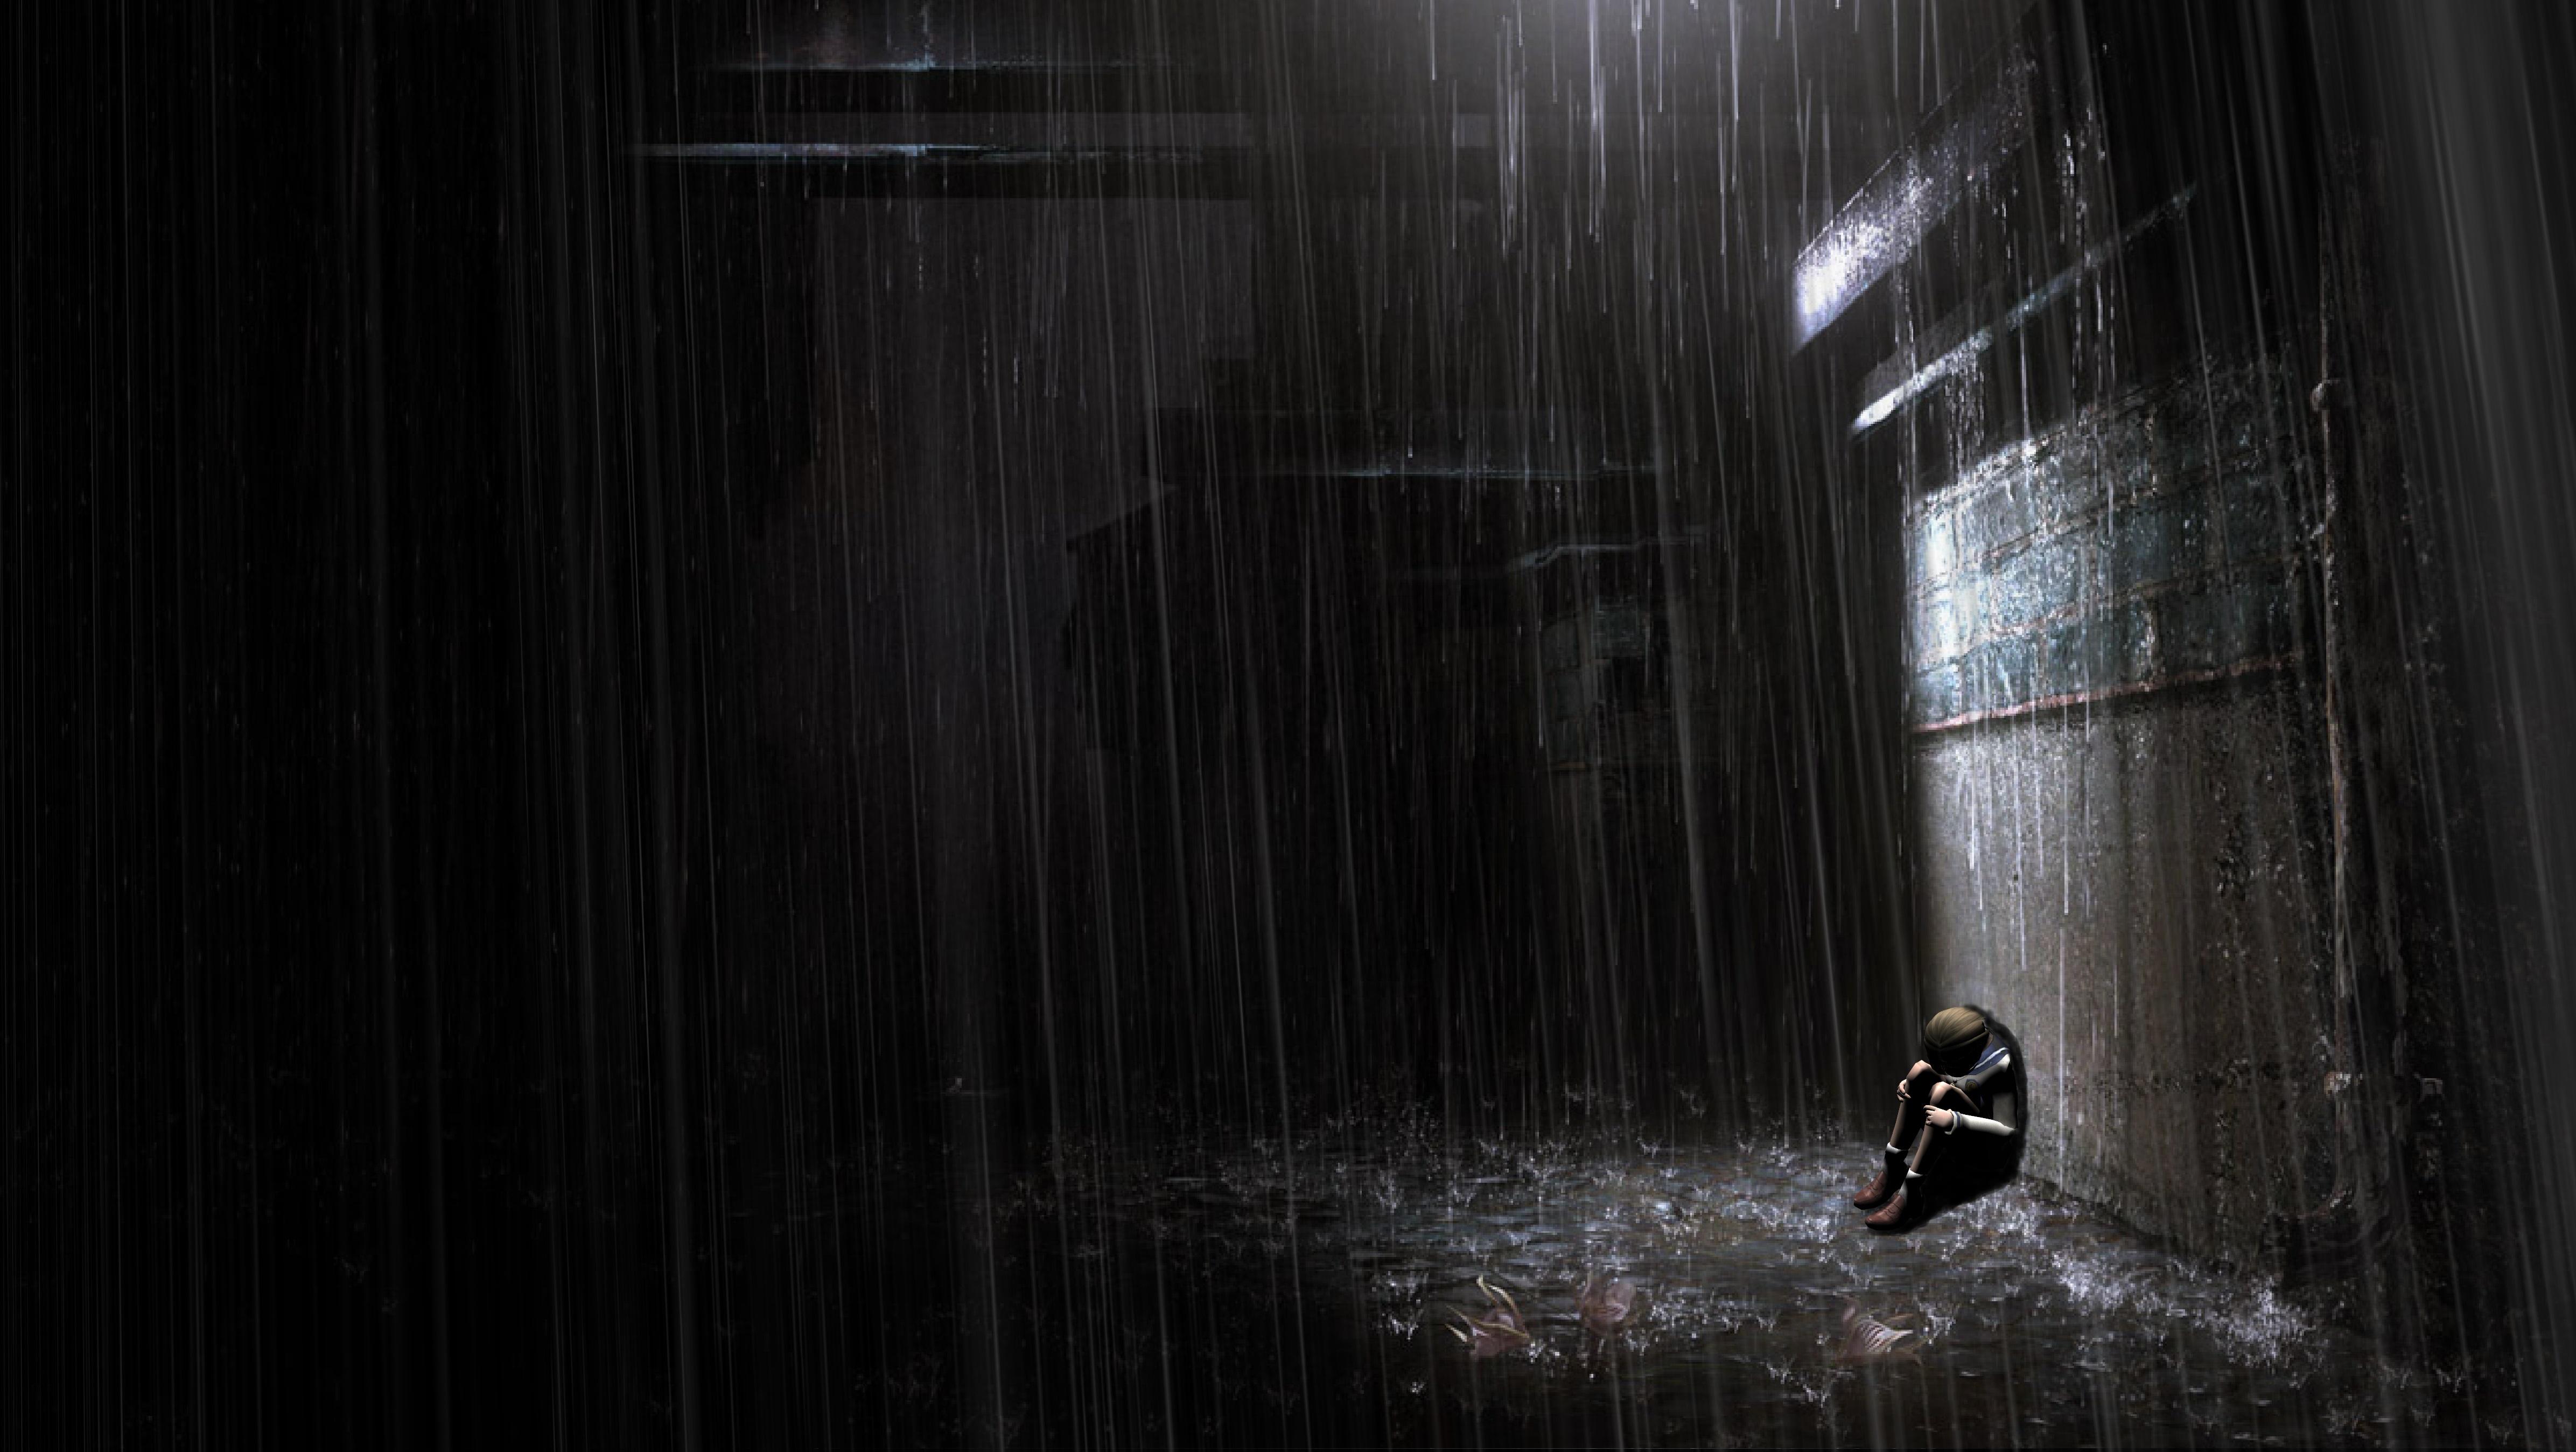 Sad and Lonely Wallpaper - WallpaperSafari